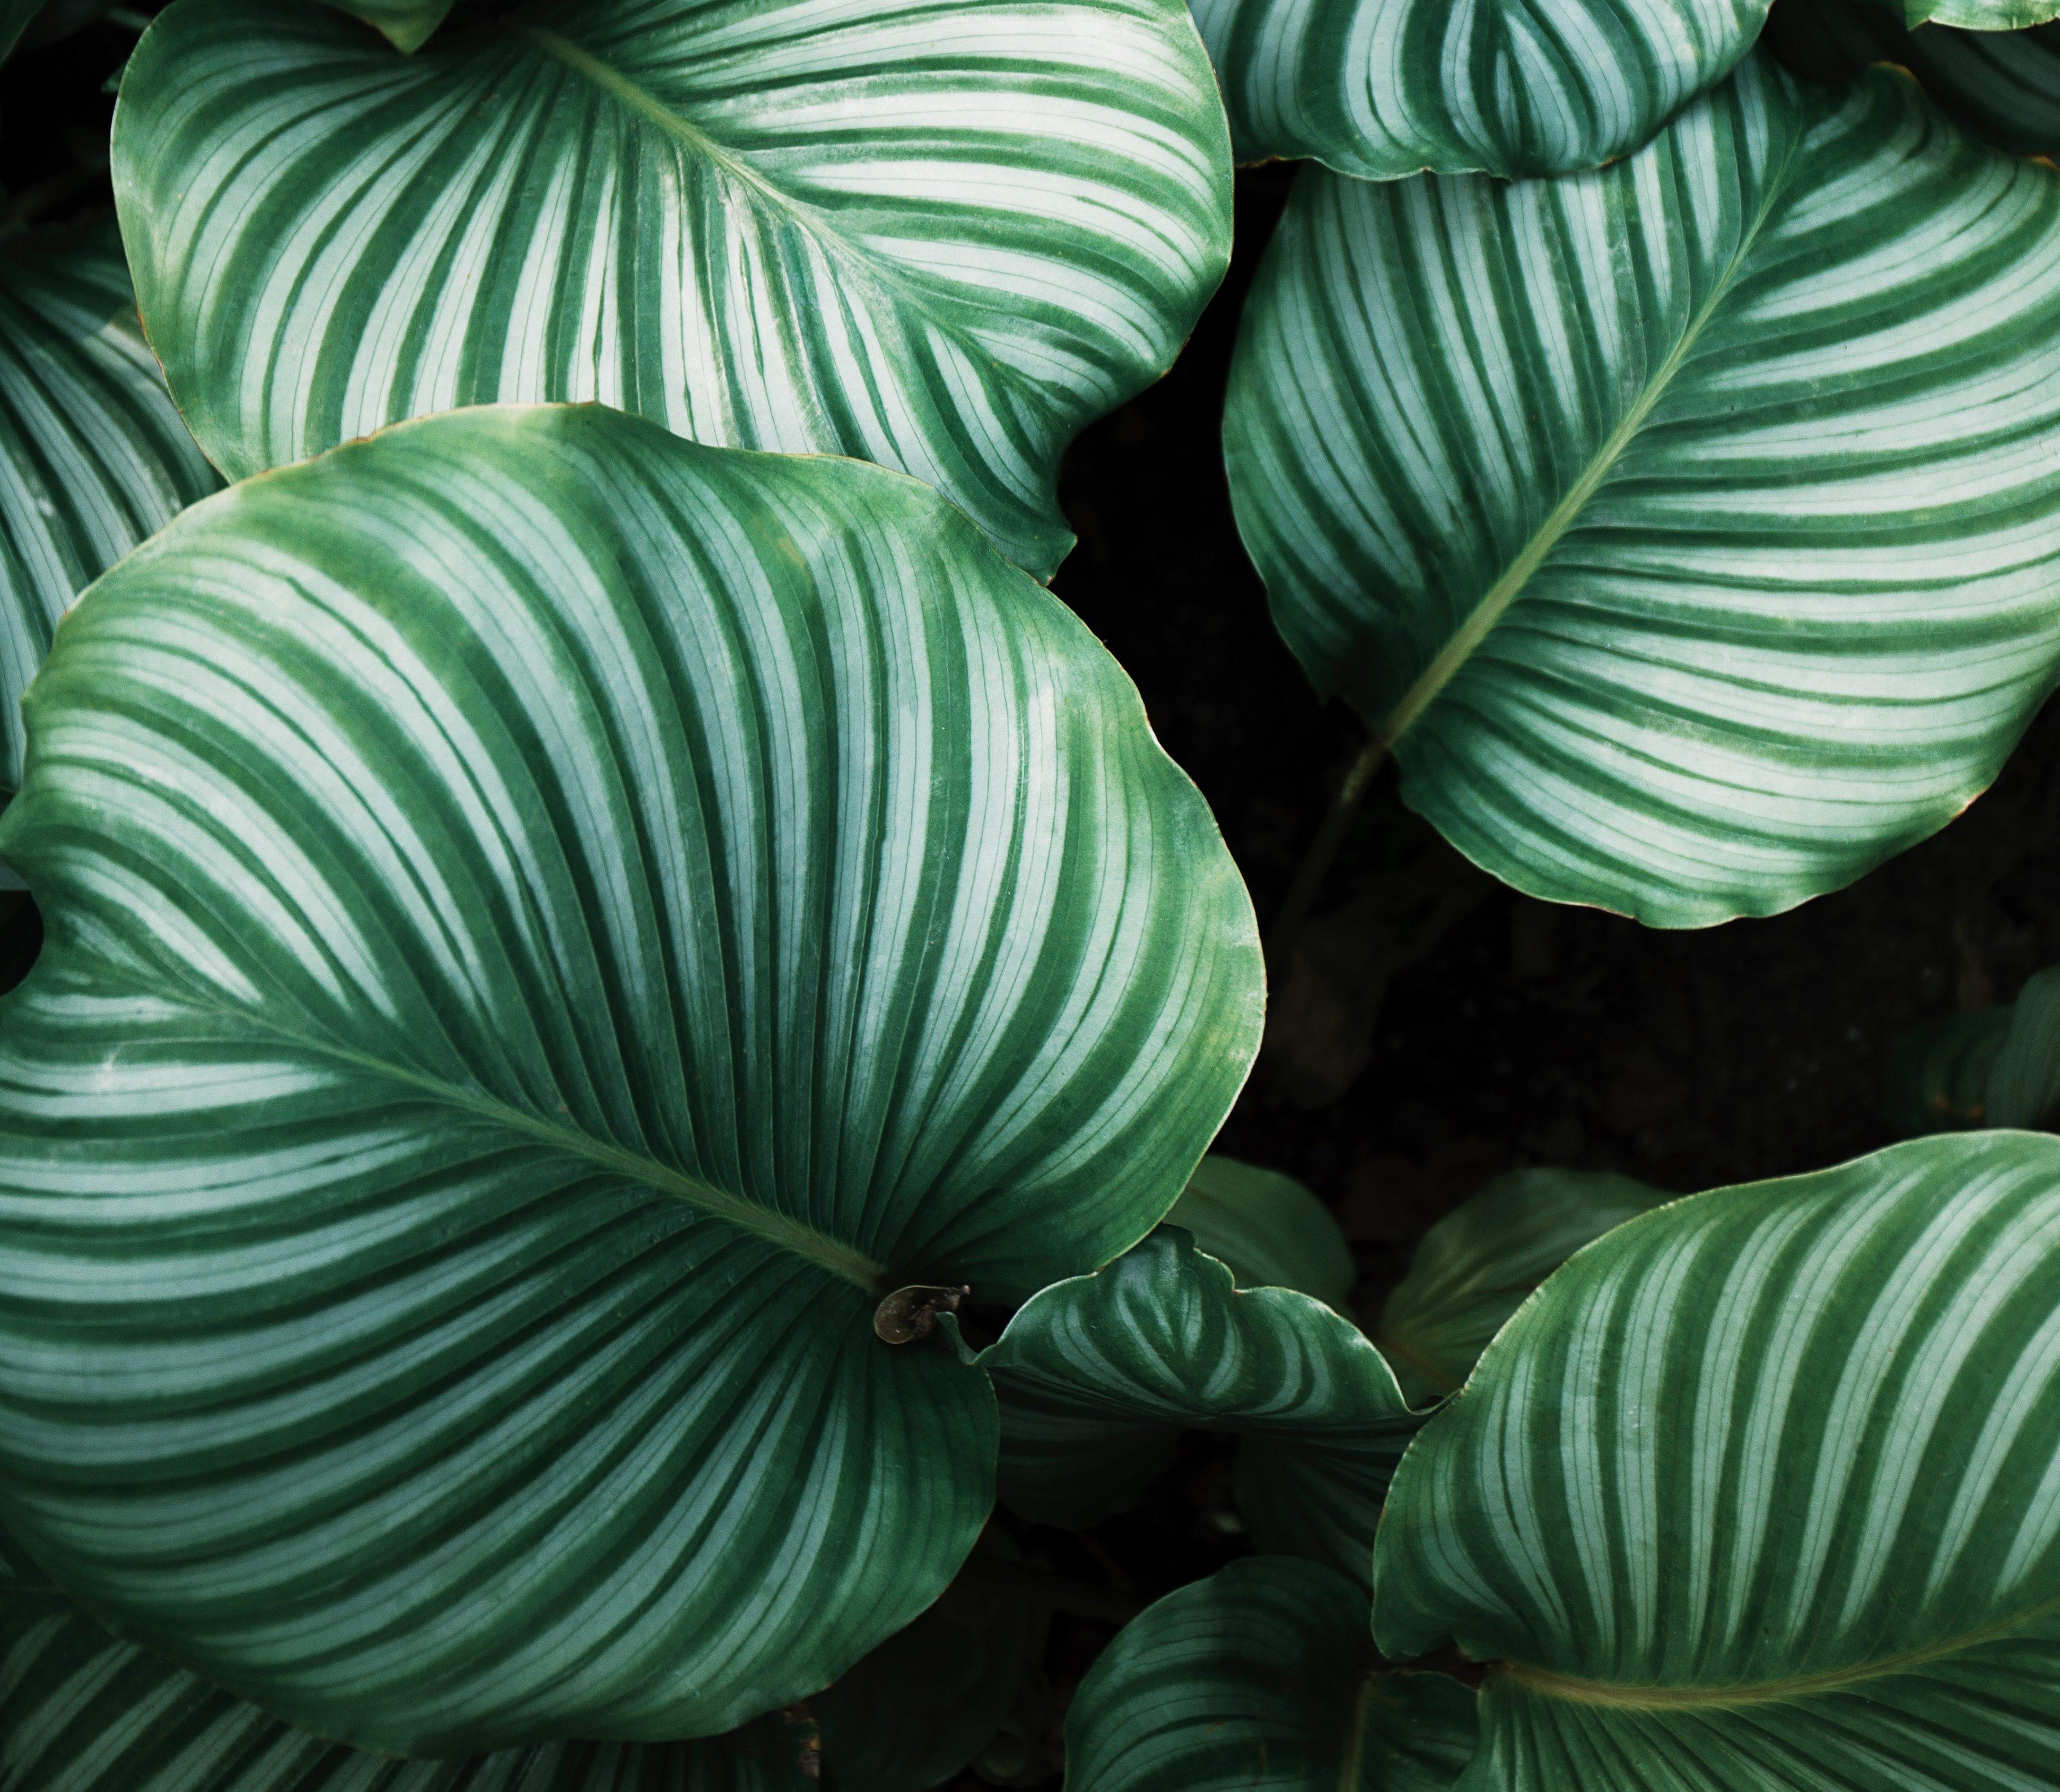 (Français) Des recherches montre l'intelligence et la sensibilité des plantes